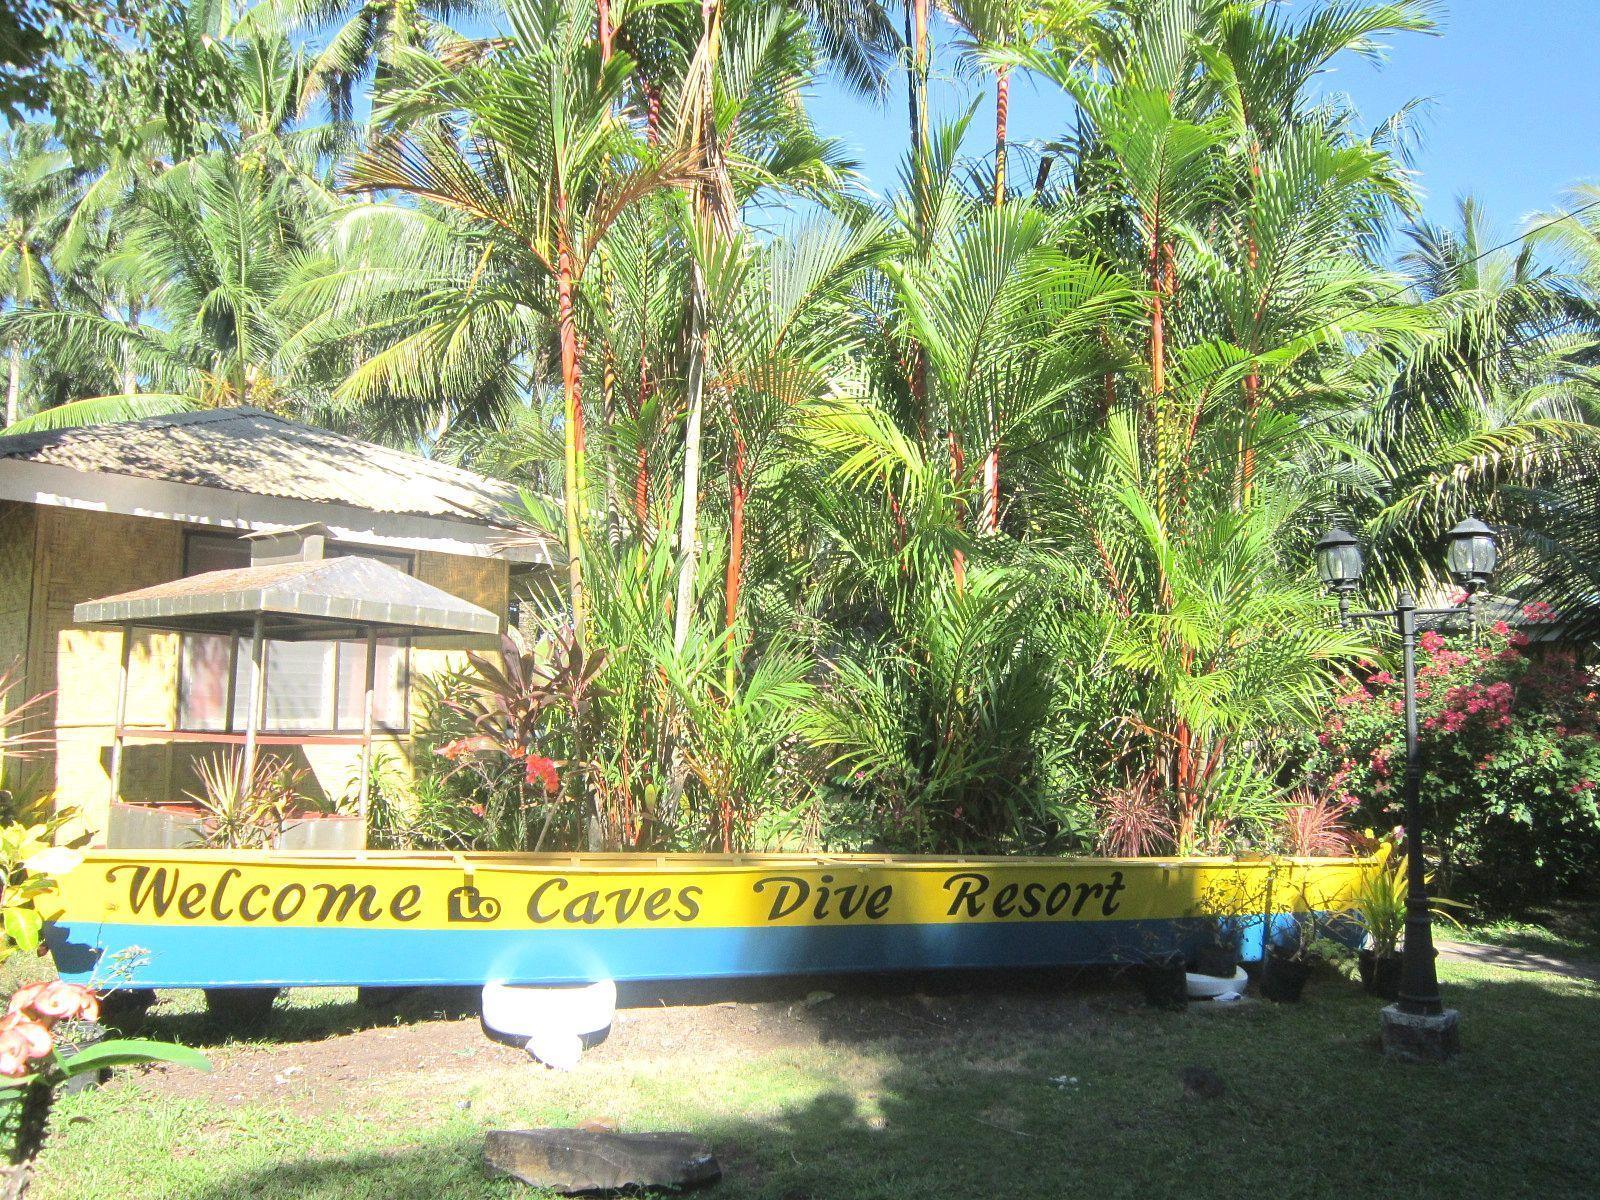 Caves Dive Resort